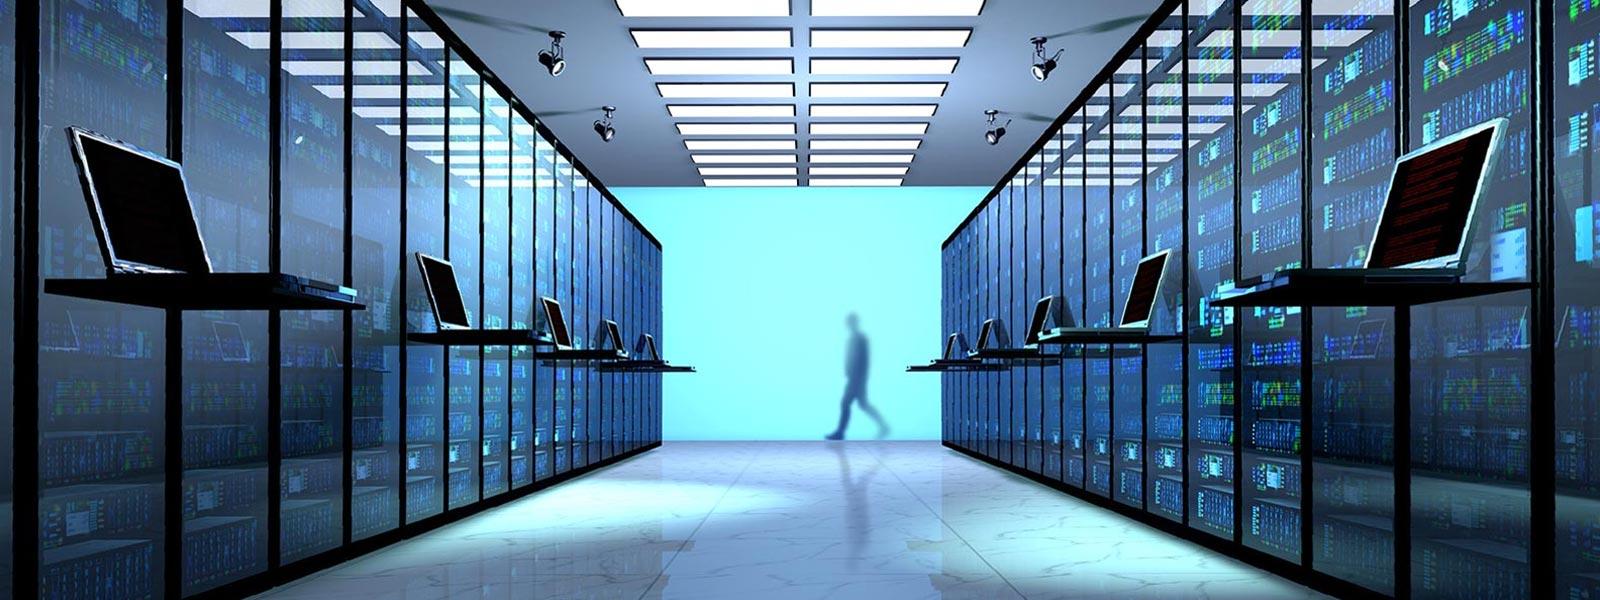 Geräte mit Windows 10 in einem Rechenzentrum